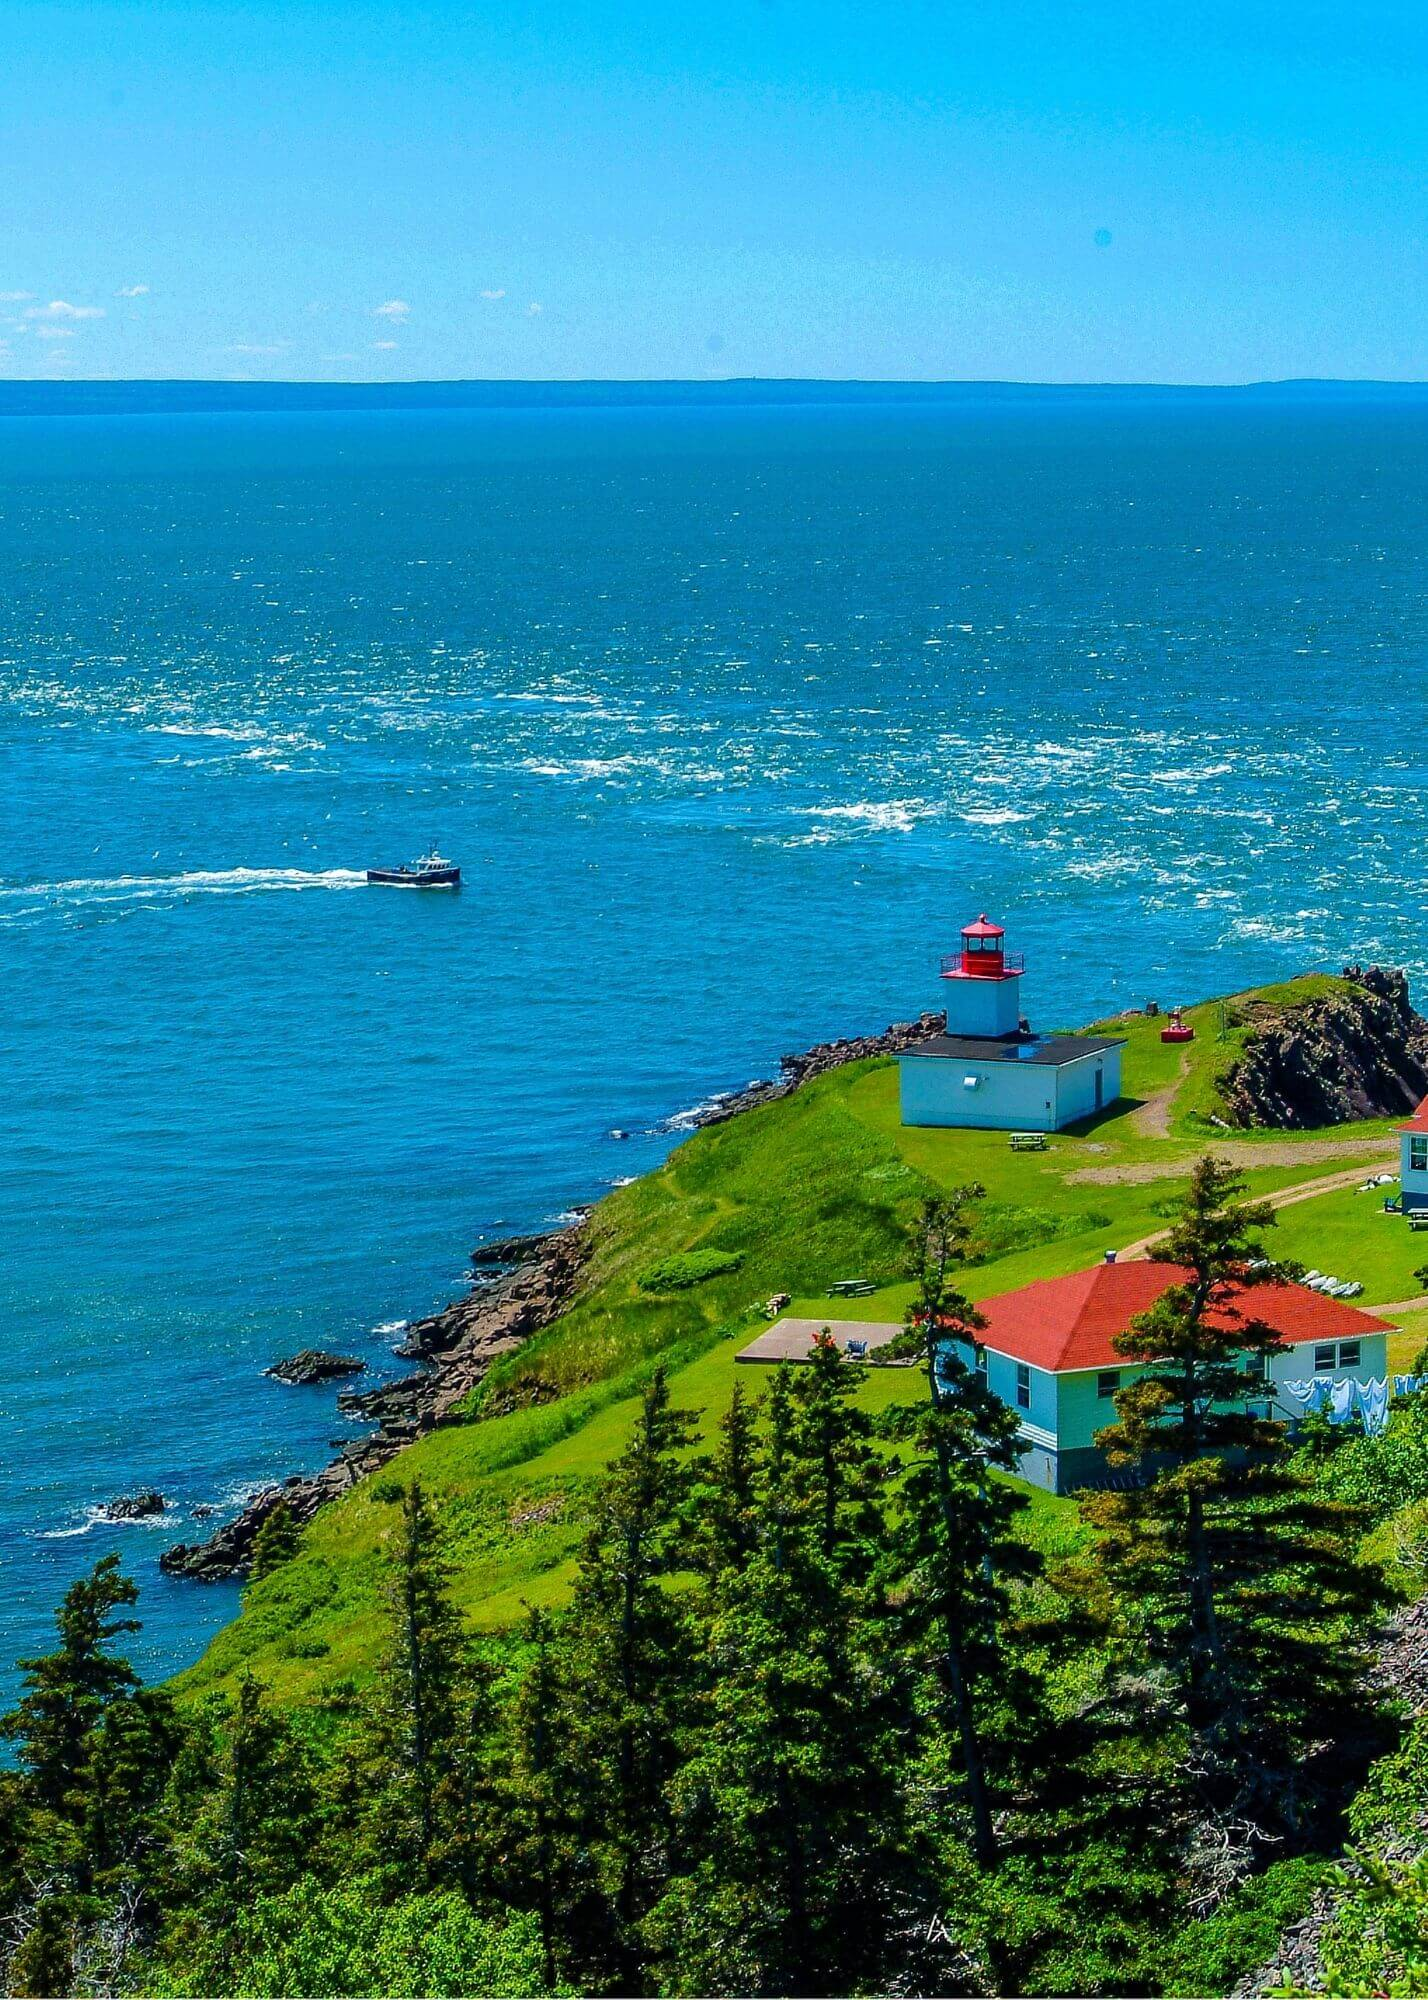 Cape Dor Lighthouse, Nova Scotia